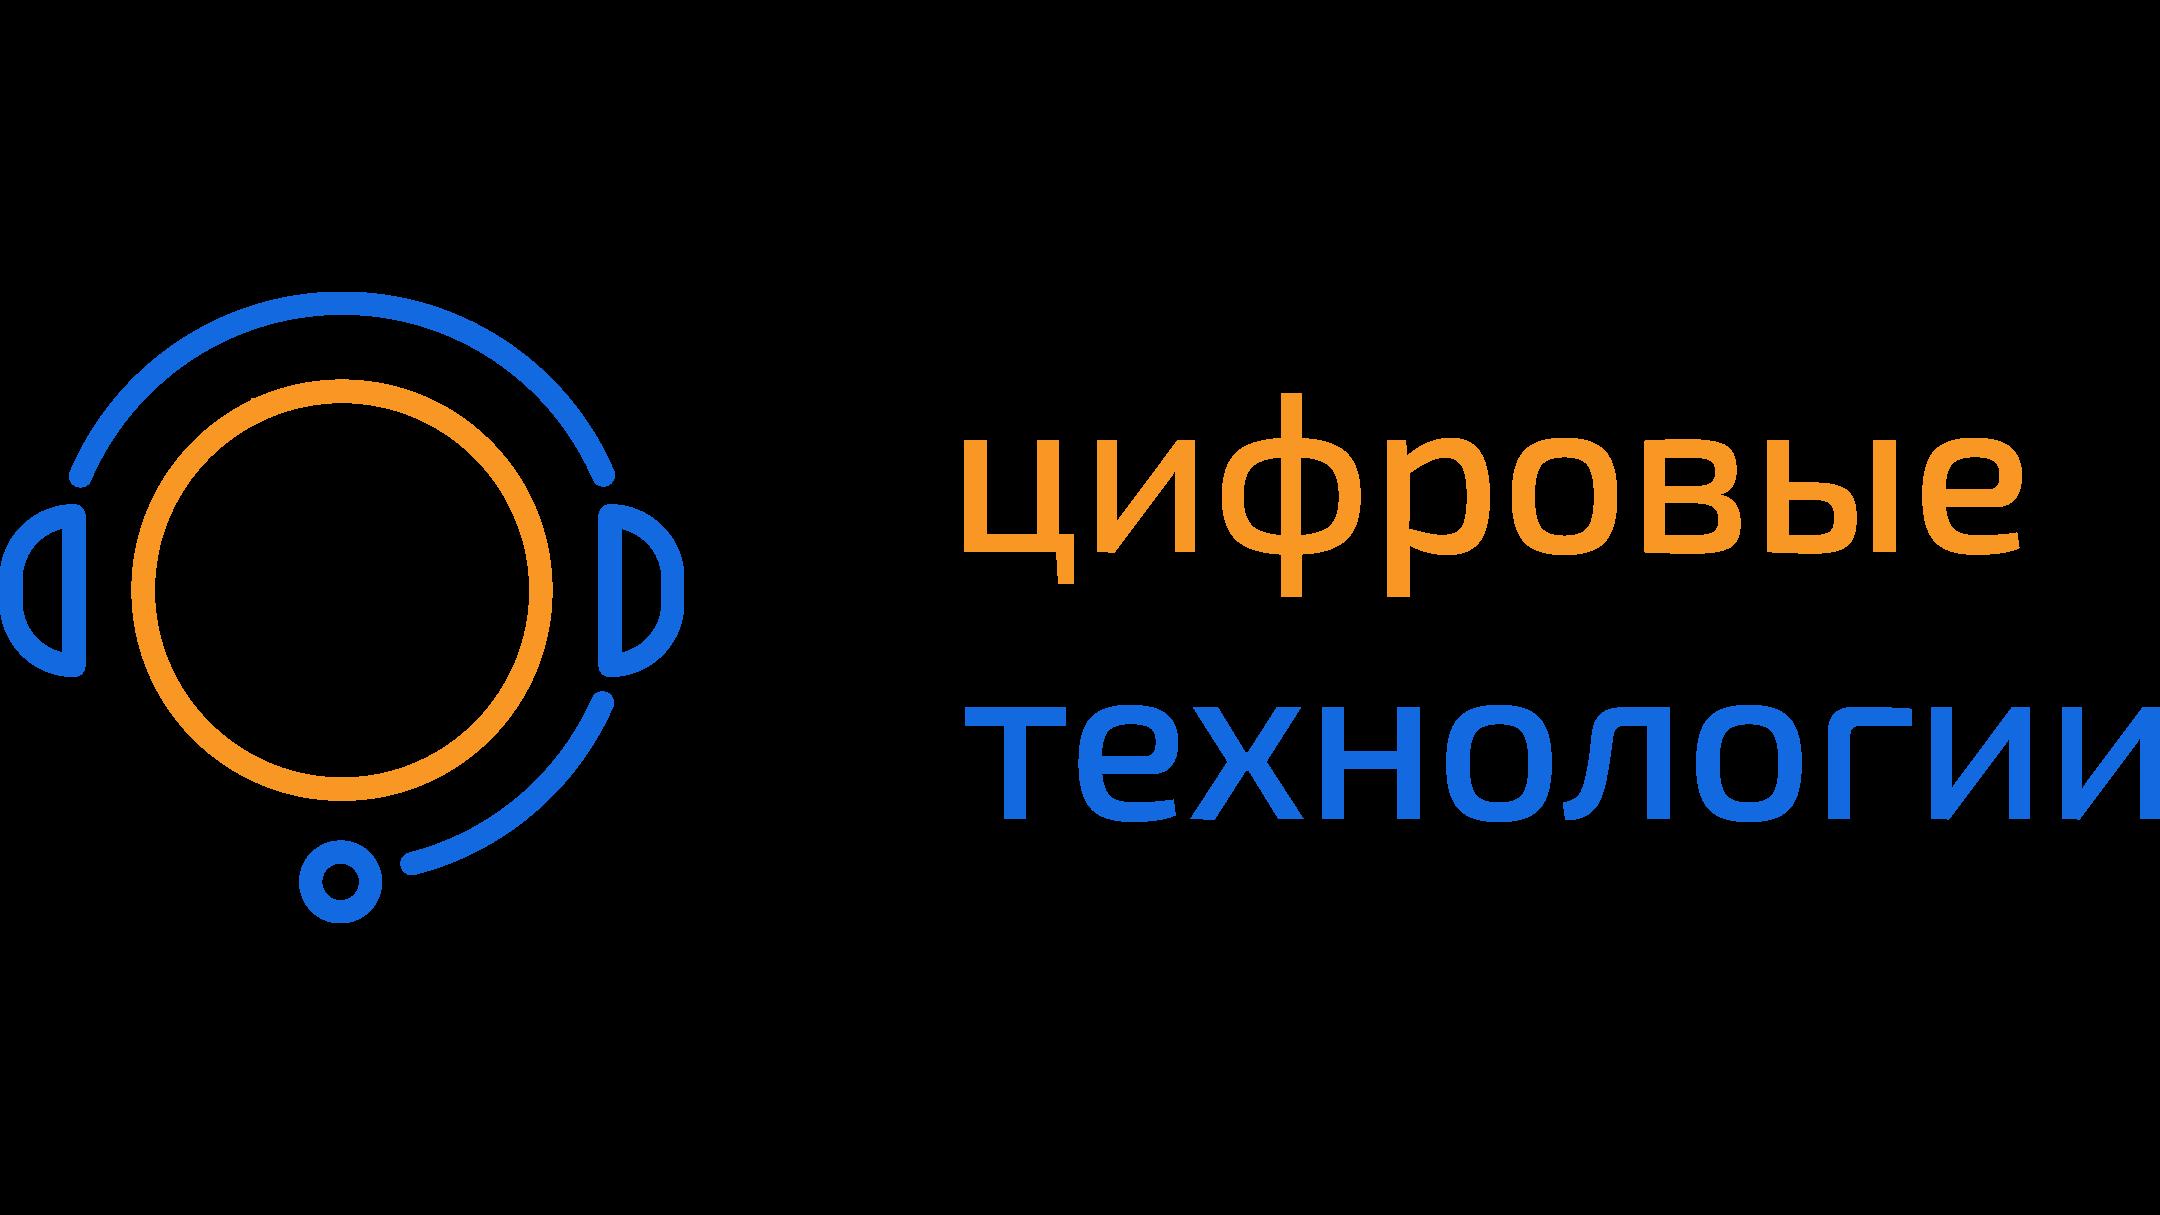 Телефонный маркетинг, телефонный маркетинг москва, заказать телефонный маркетинг, заказать телефонный маркетинг в москве, телефонный маркетинг удаленно, заказать телефонный маркетинг удалённо